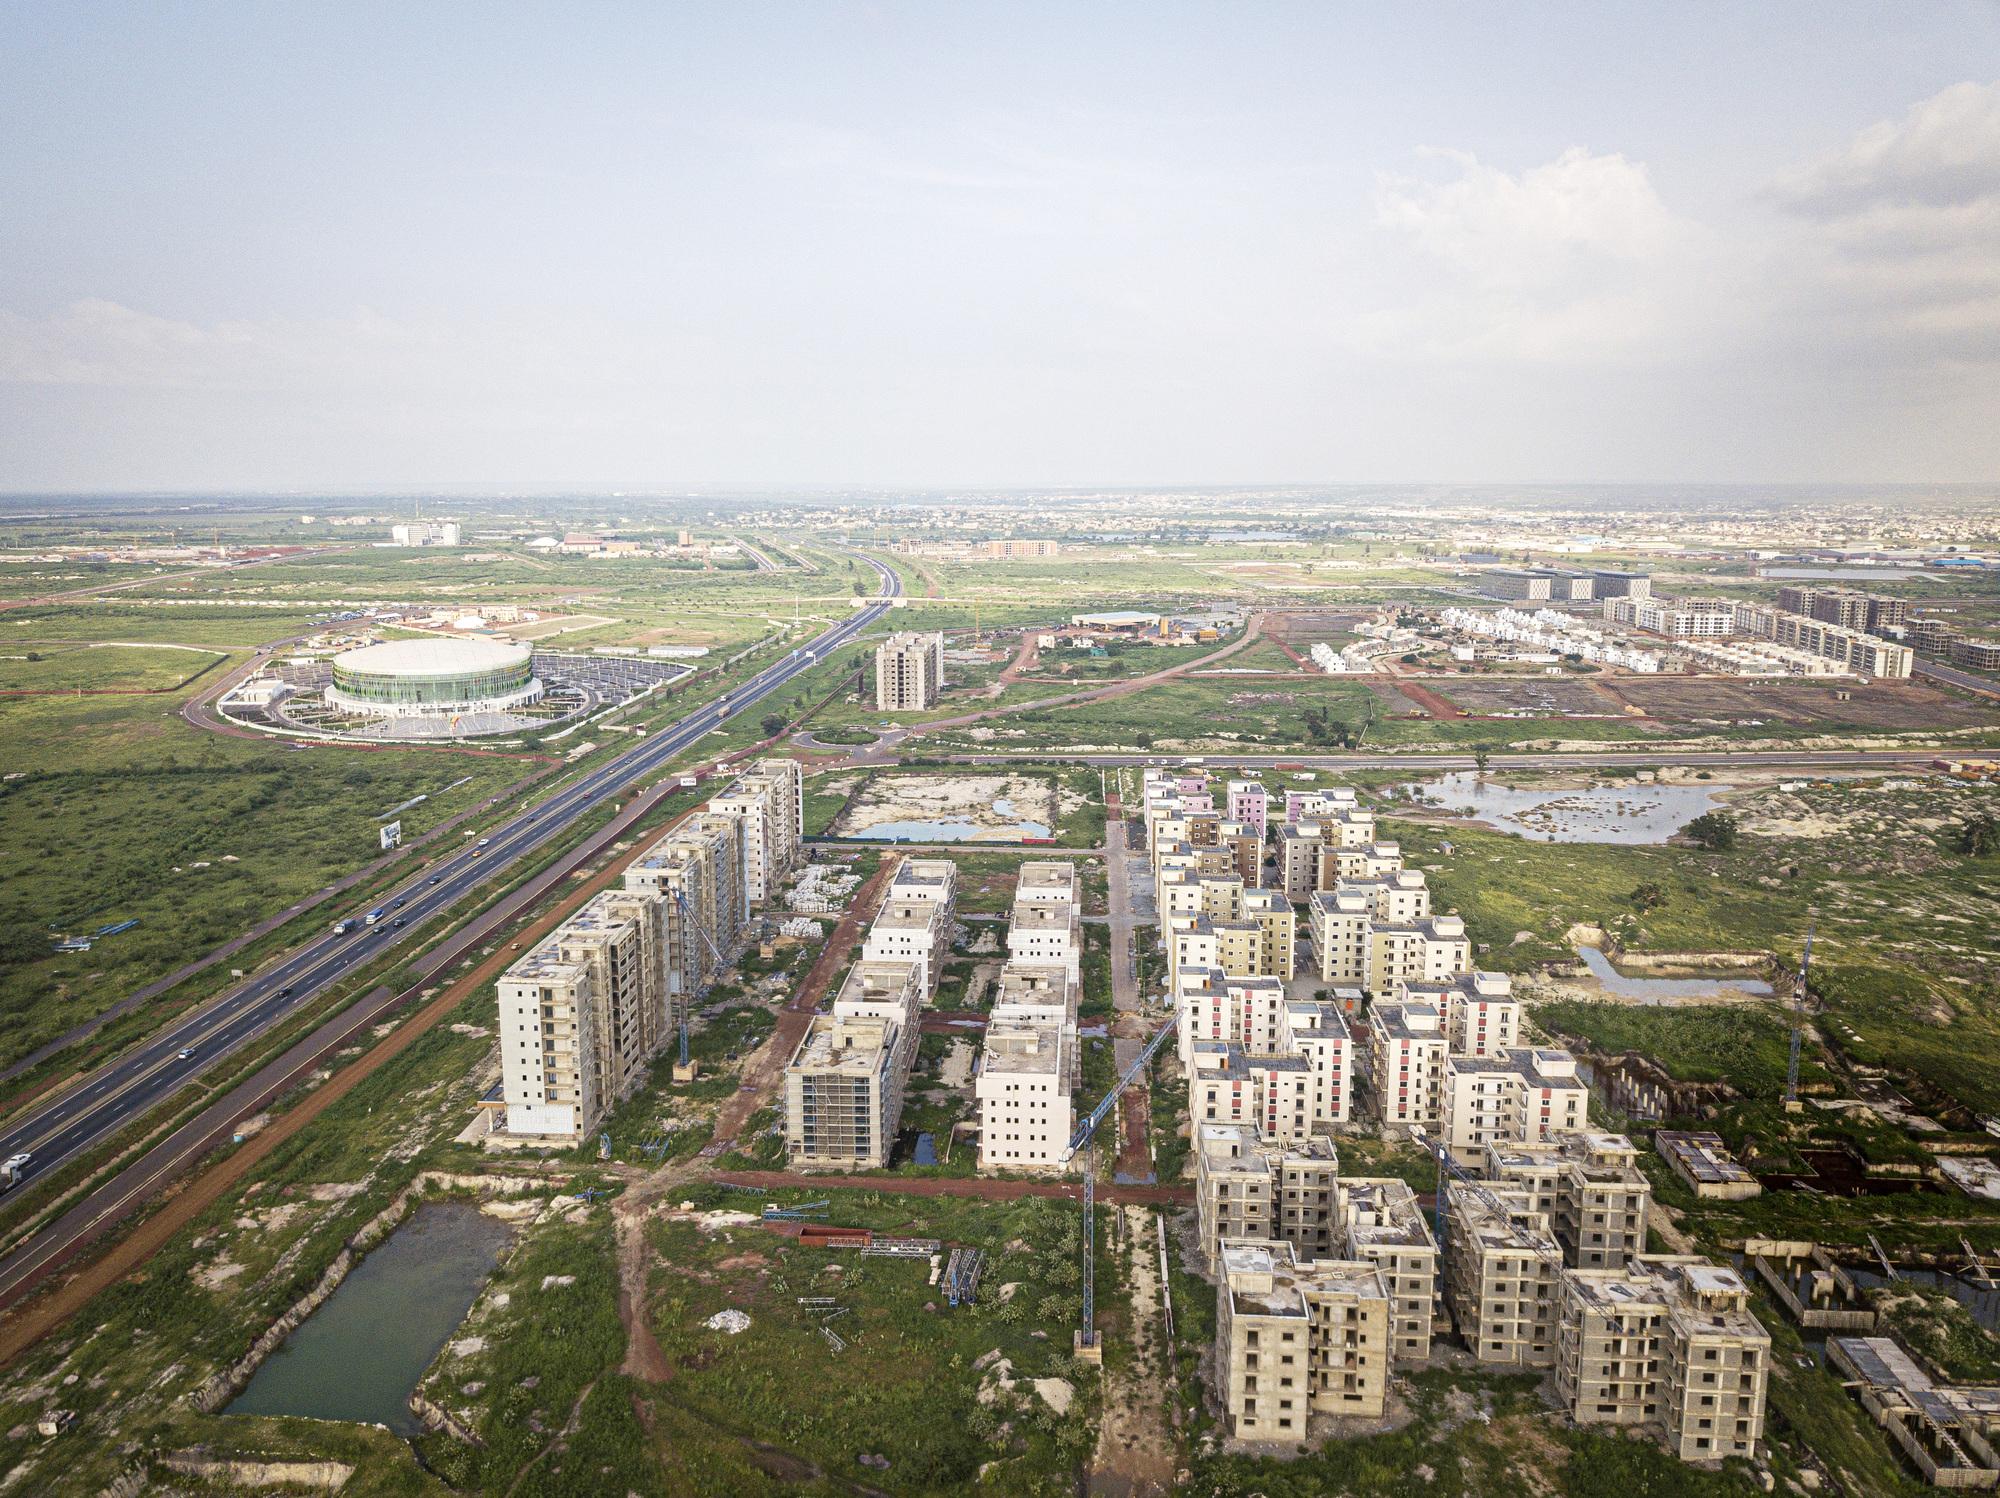 La Banque de l'habitat du Sénégal a mobilisé 30milliards de F CFA de crédits sur cinq projets de la ville nouvelle de Diamniadio, près de Dakar. (illustration)